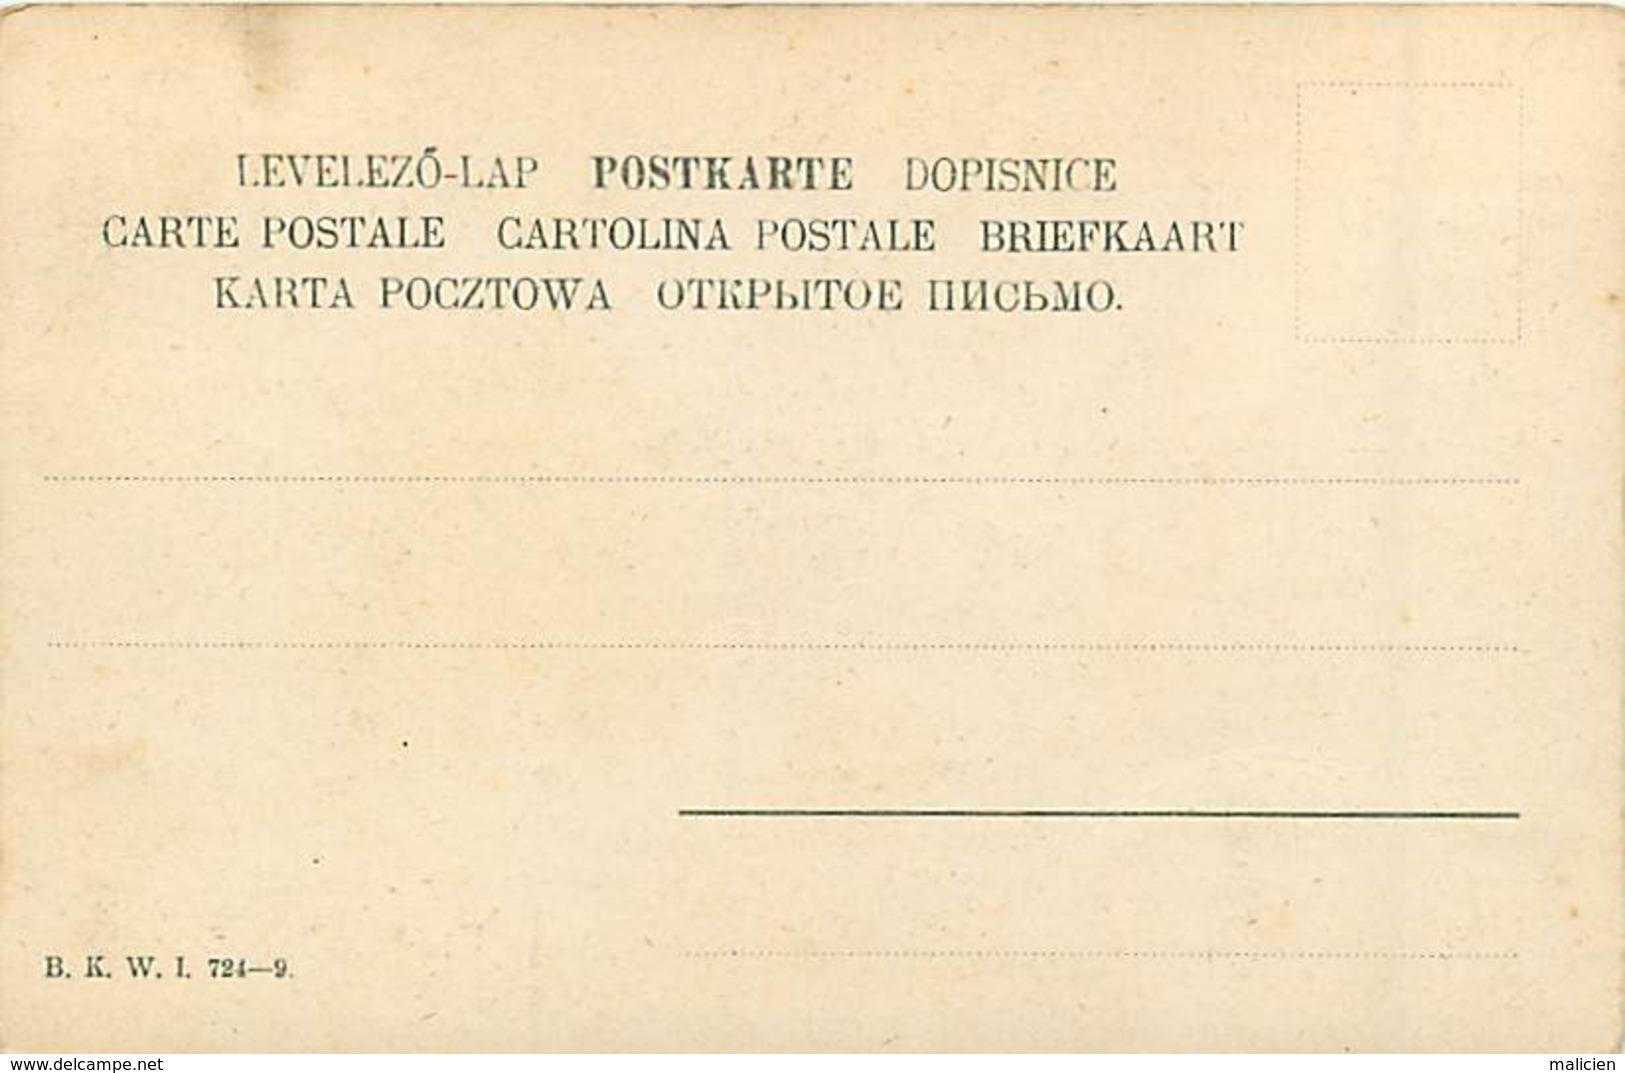 -ref-A954- Illustrateurs - Illustrateur - Mois De L Année - Septembre - Editeur B.k W..i.724-9 - Carte Bon Etat - - Illustrateurs & Photographes